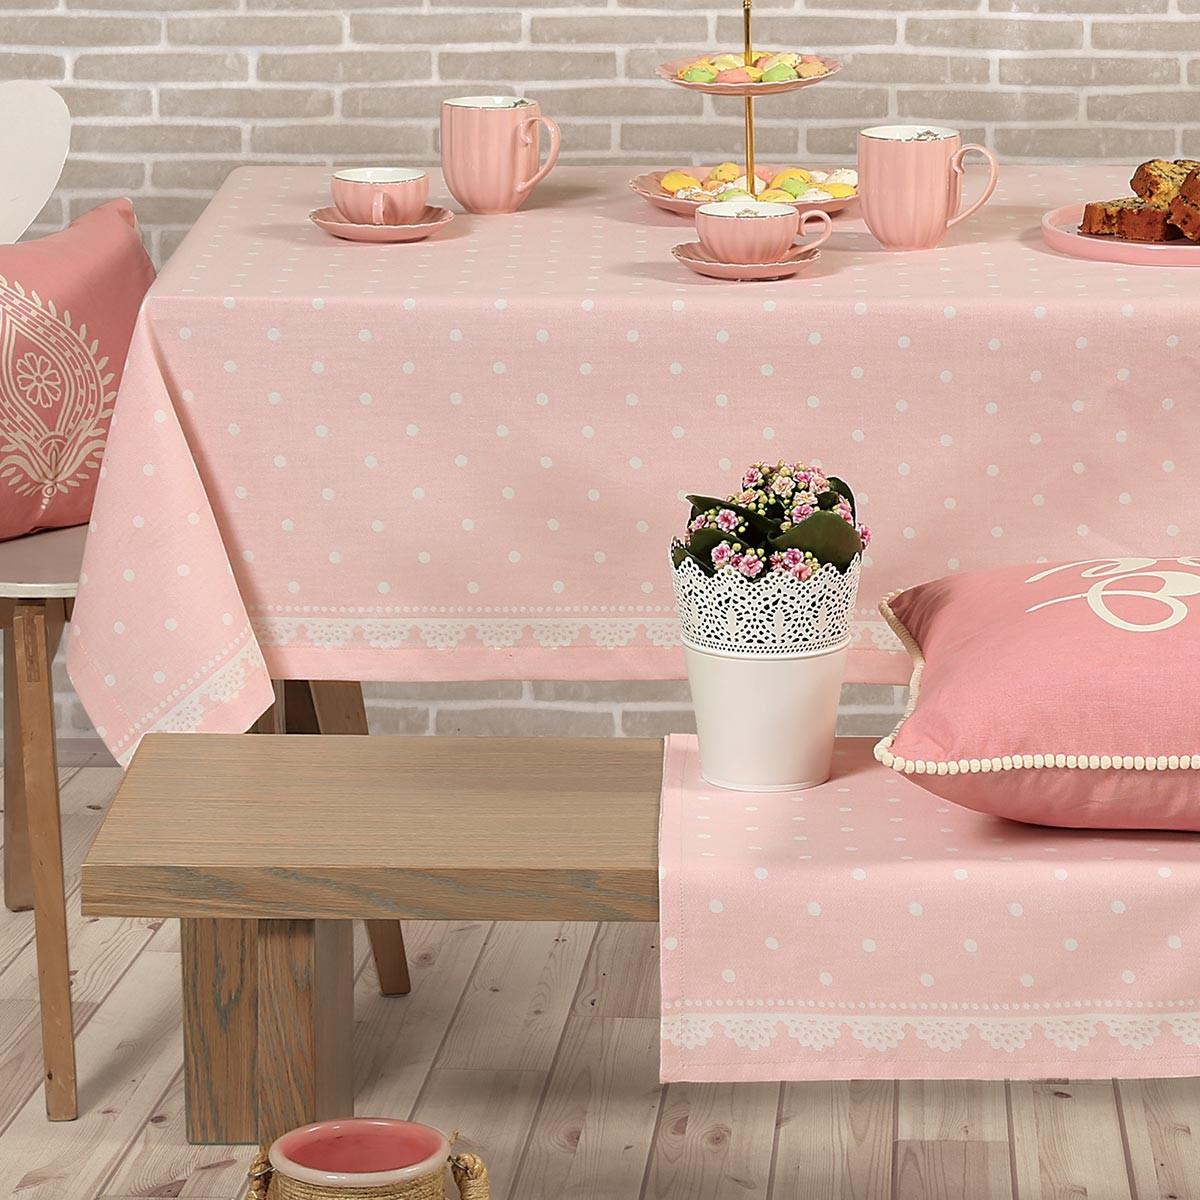 Τραπεζομάντηλο (140x180) Nef-Nef Romantic Pink